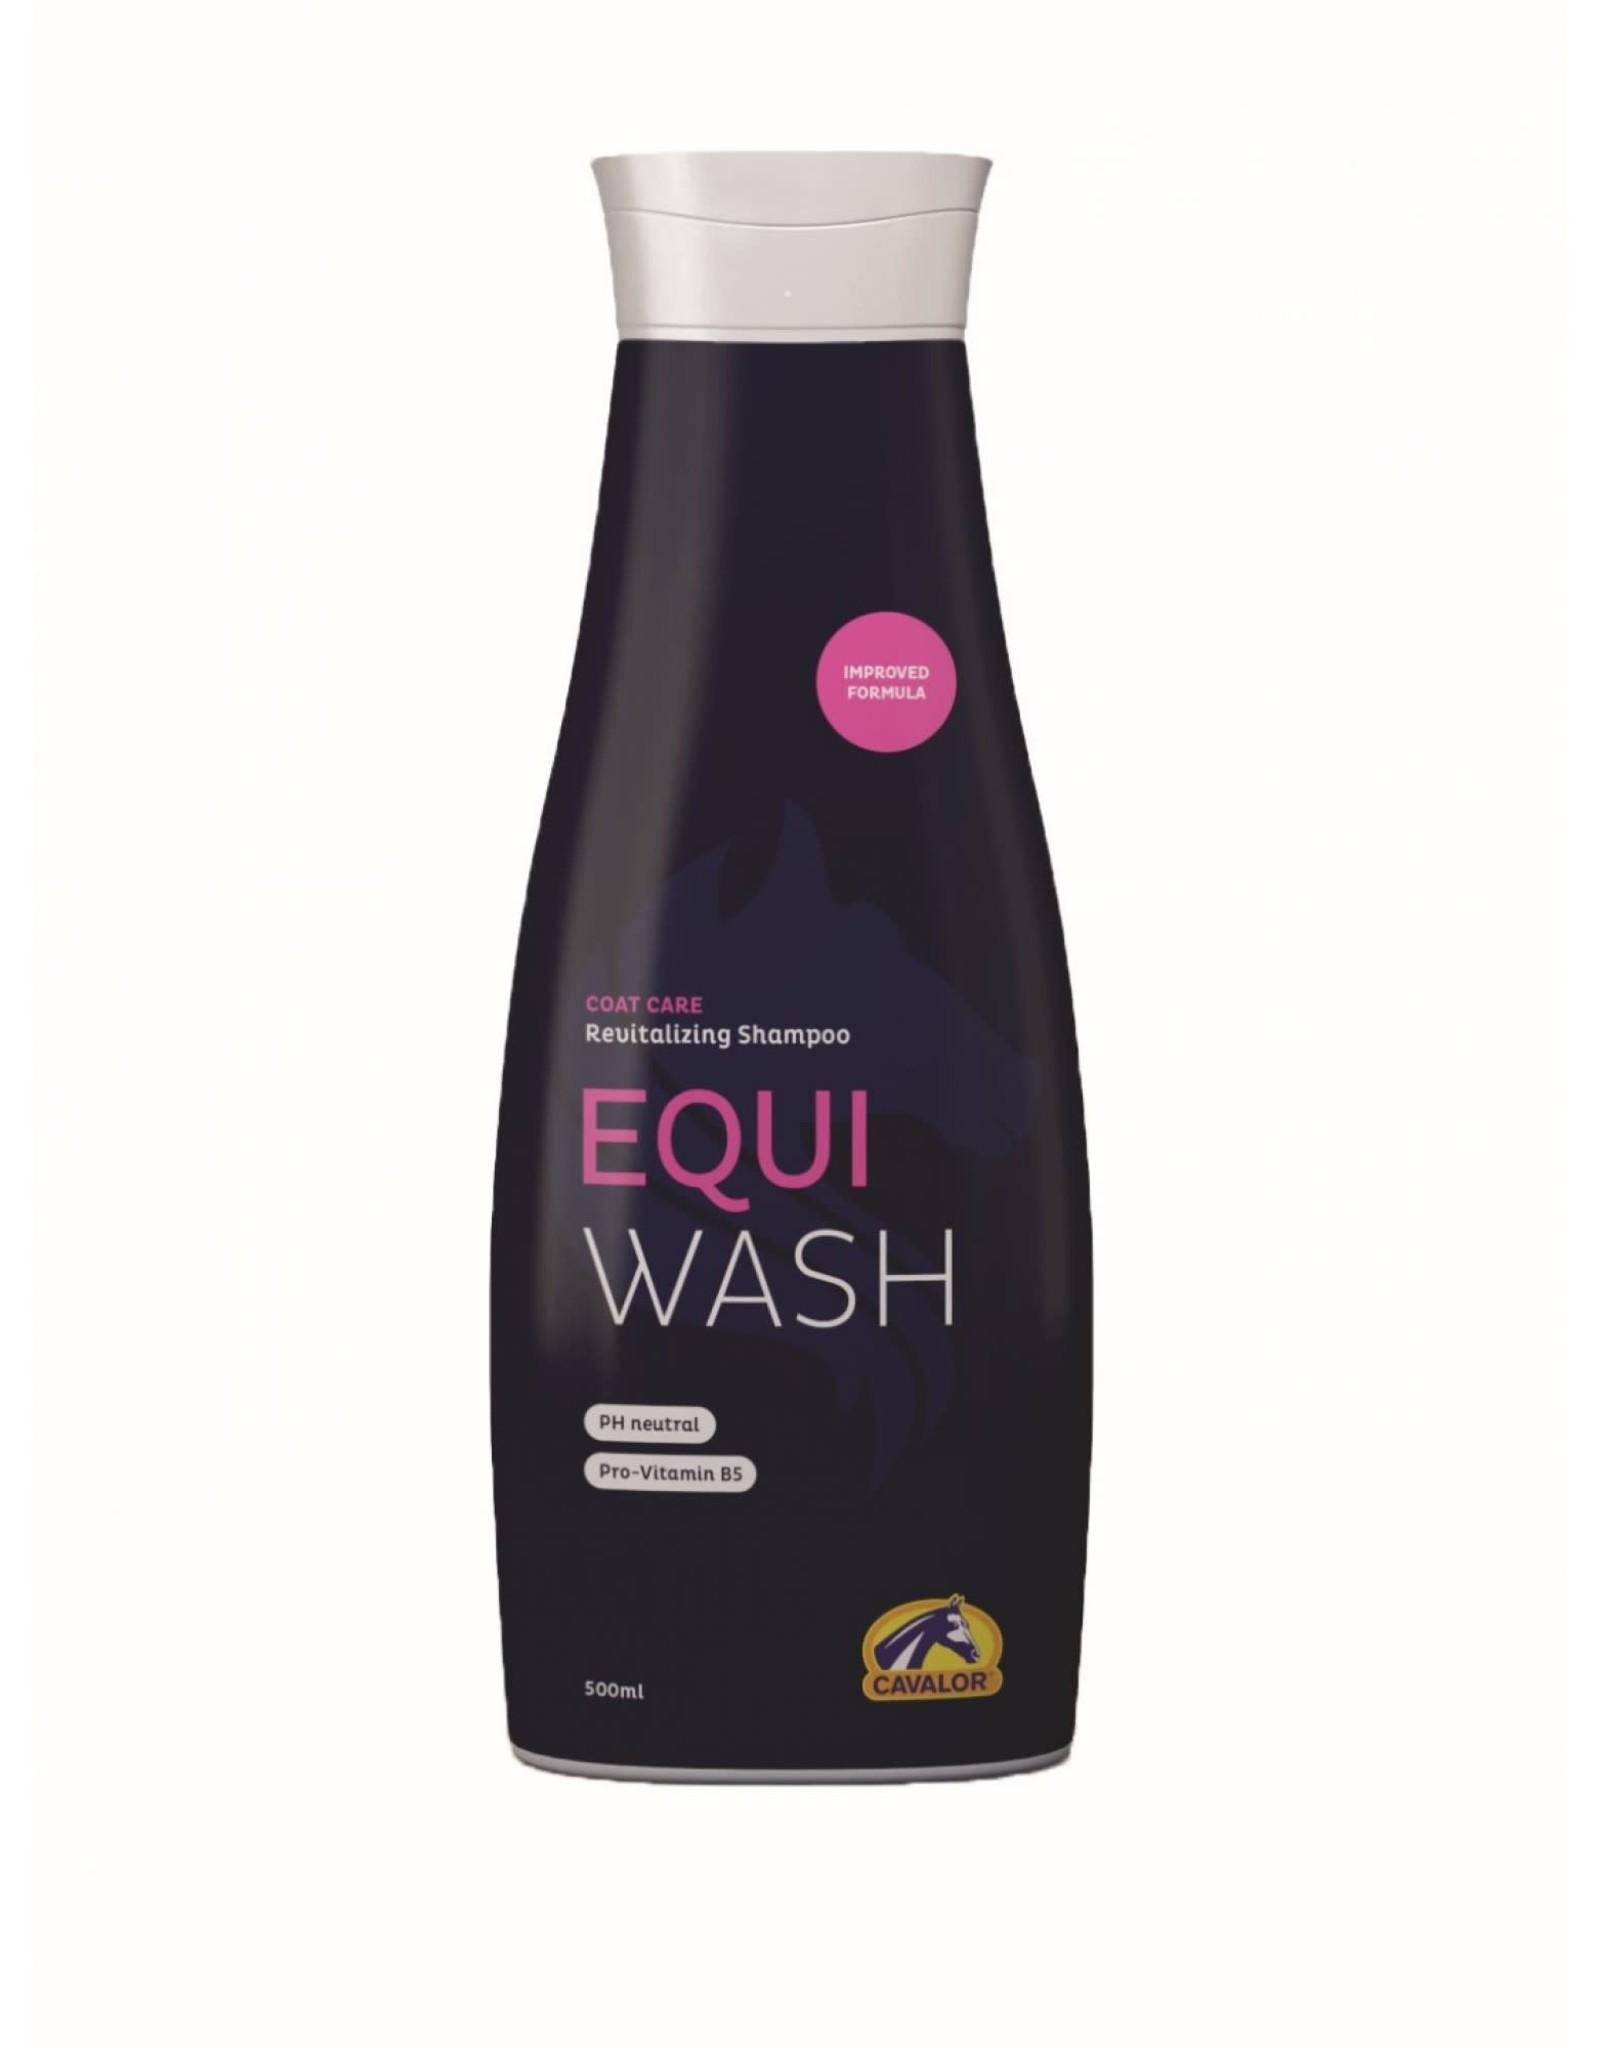 CAVALOR EQUI WASH, 500 ML